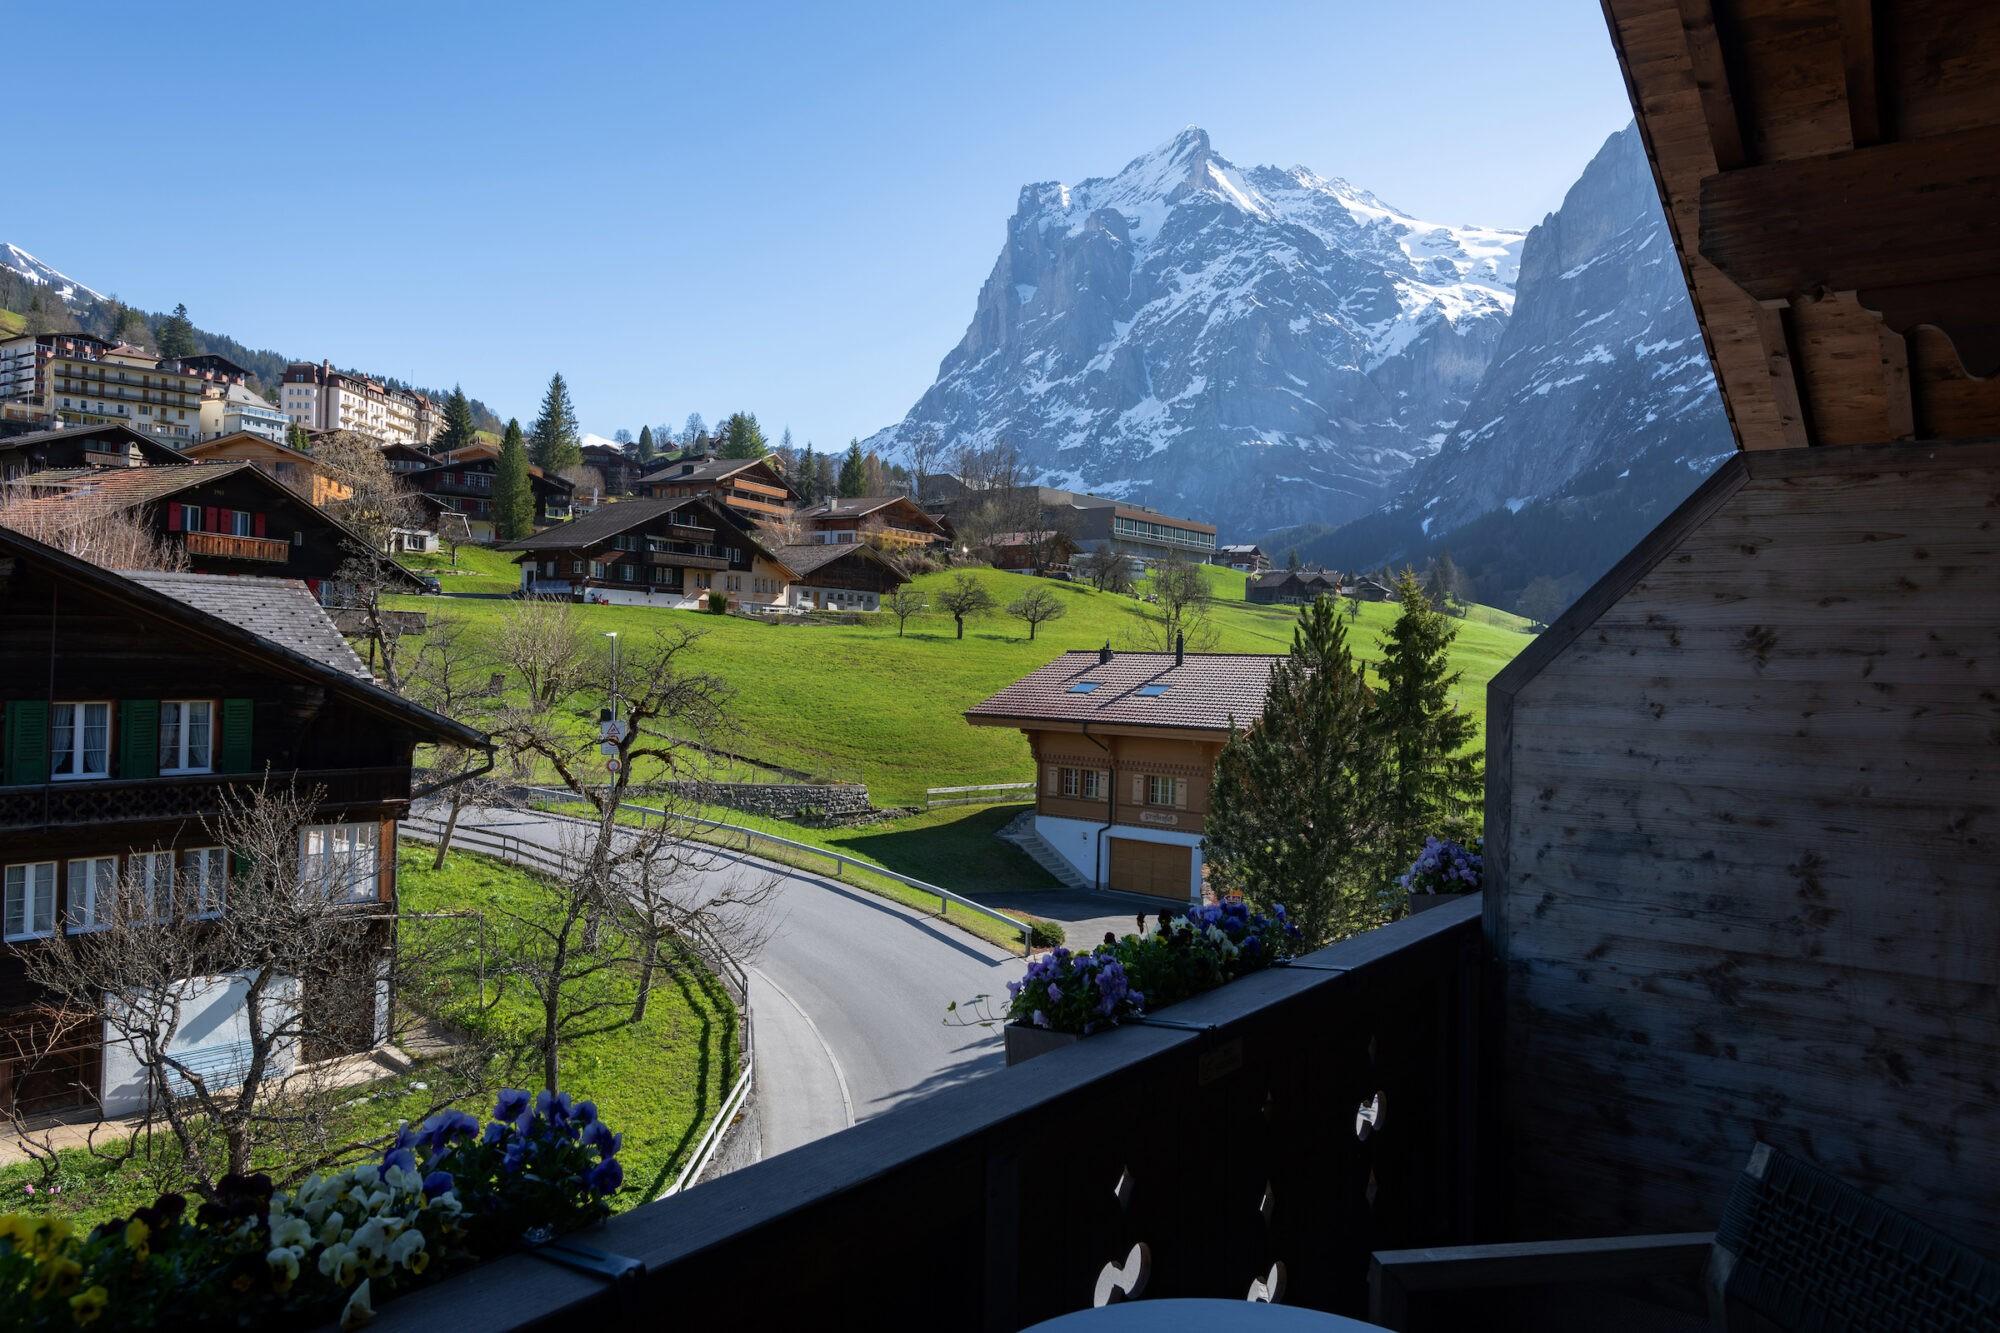 Boutique Hotel and Restaurant Glacier Grindelwald